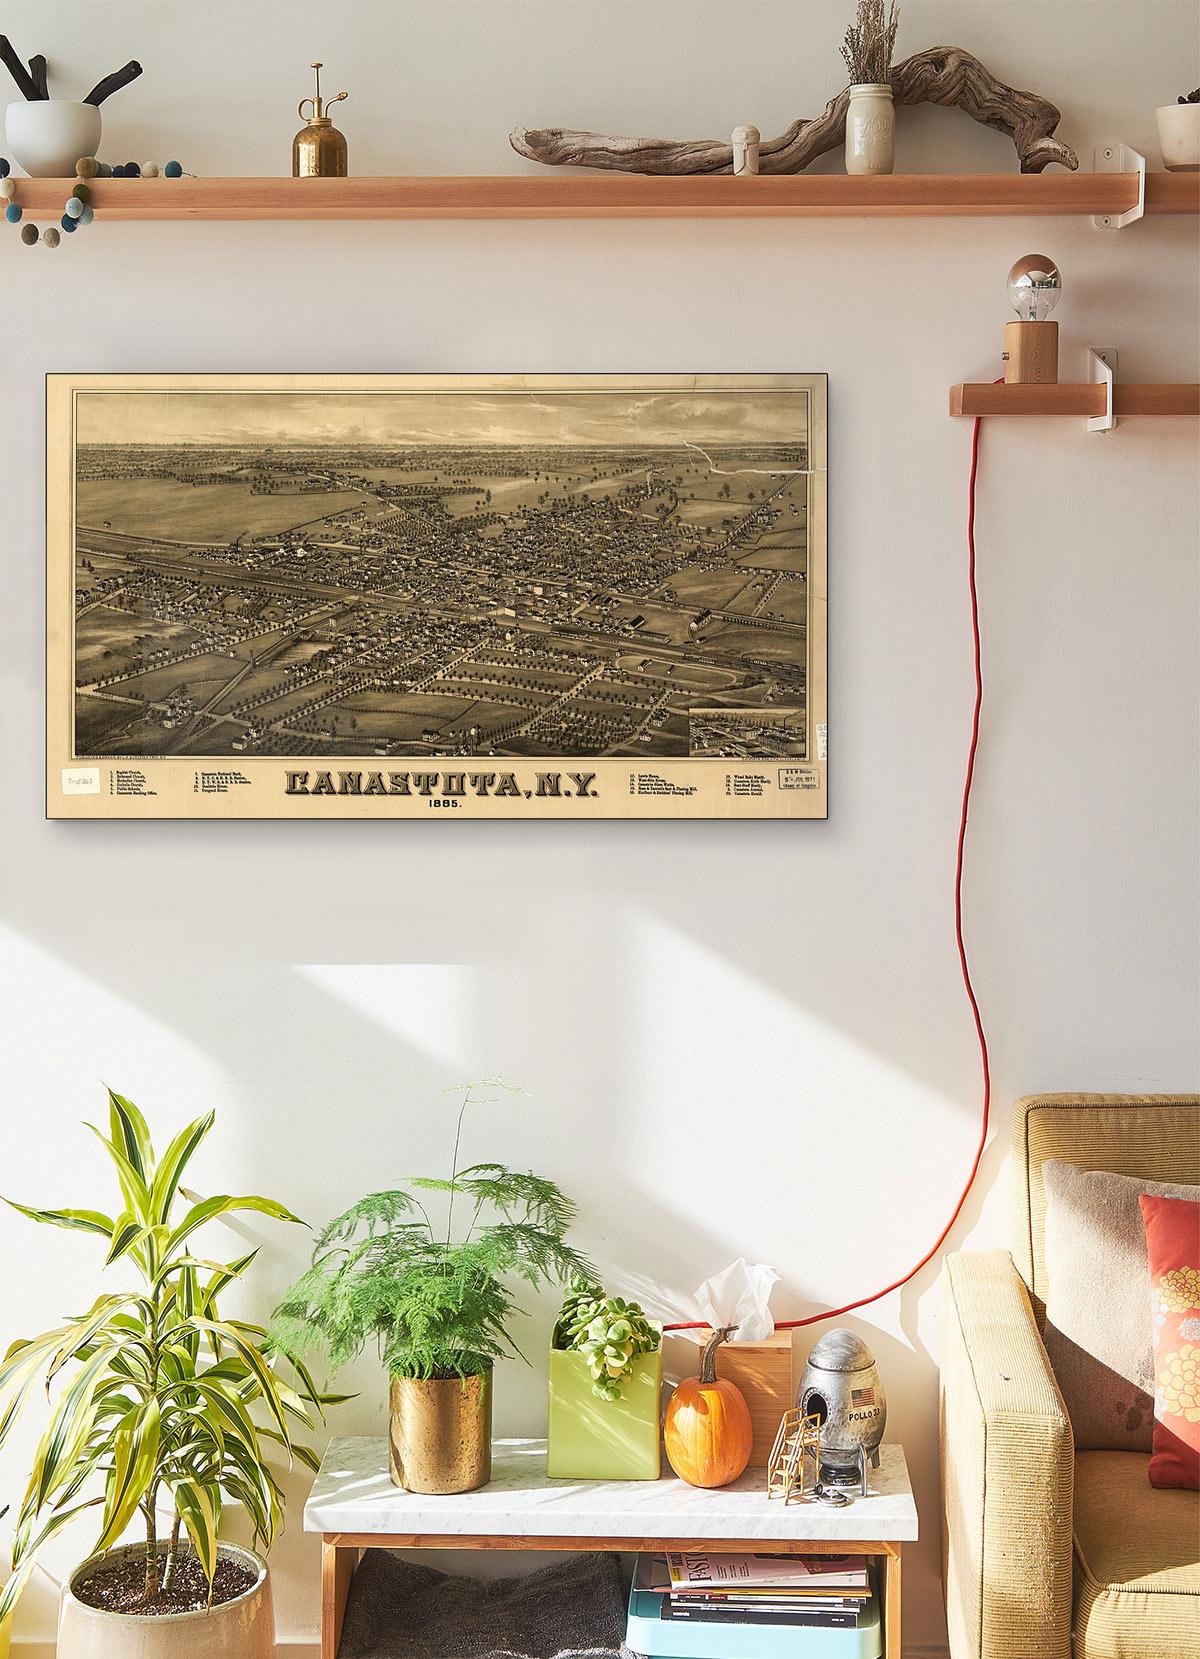 Canastota N.y 1885 LARGE Vintage Map